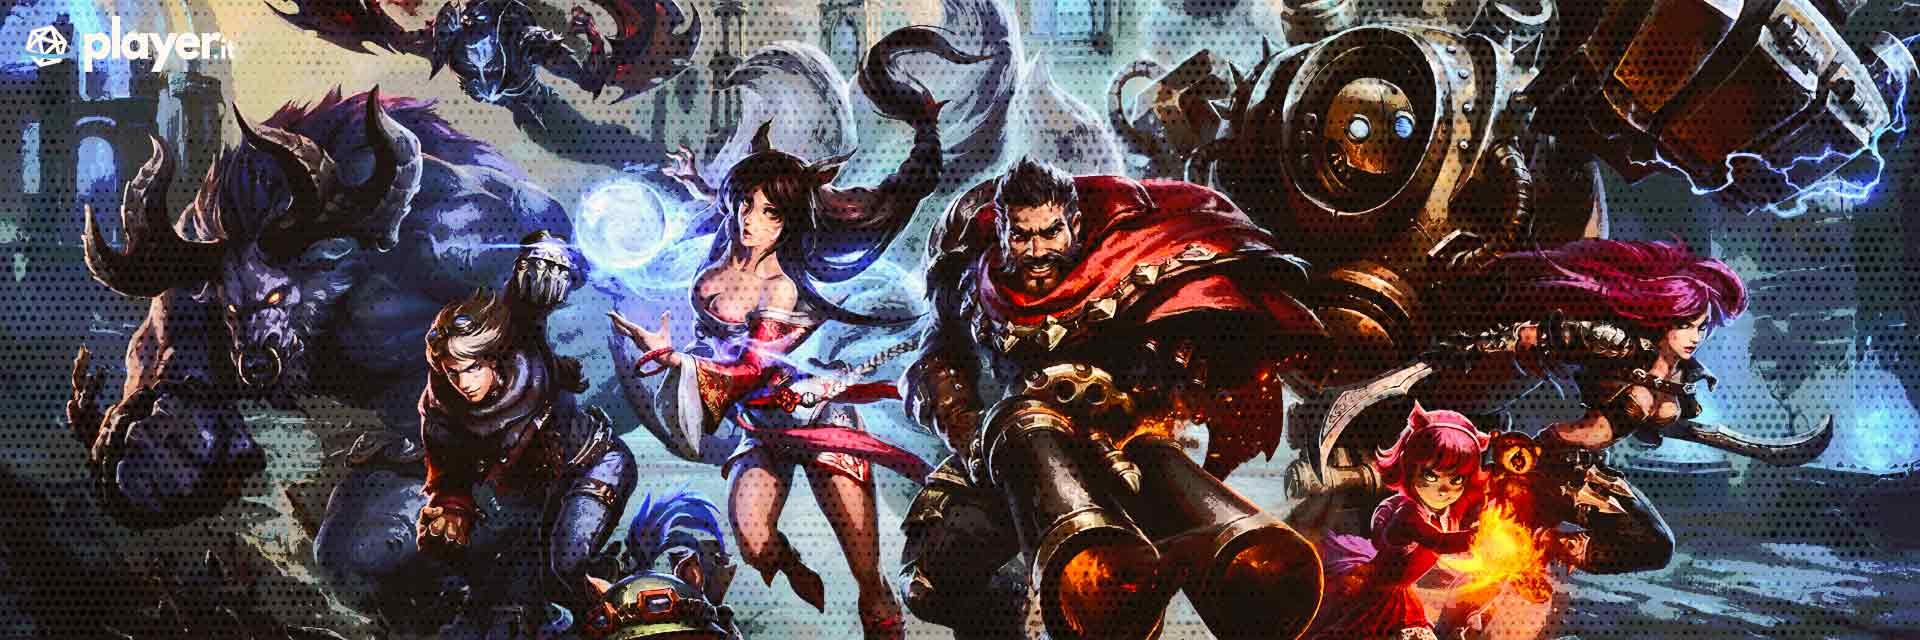 league of legends wallpaper in HD